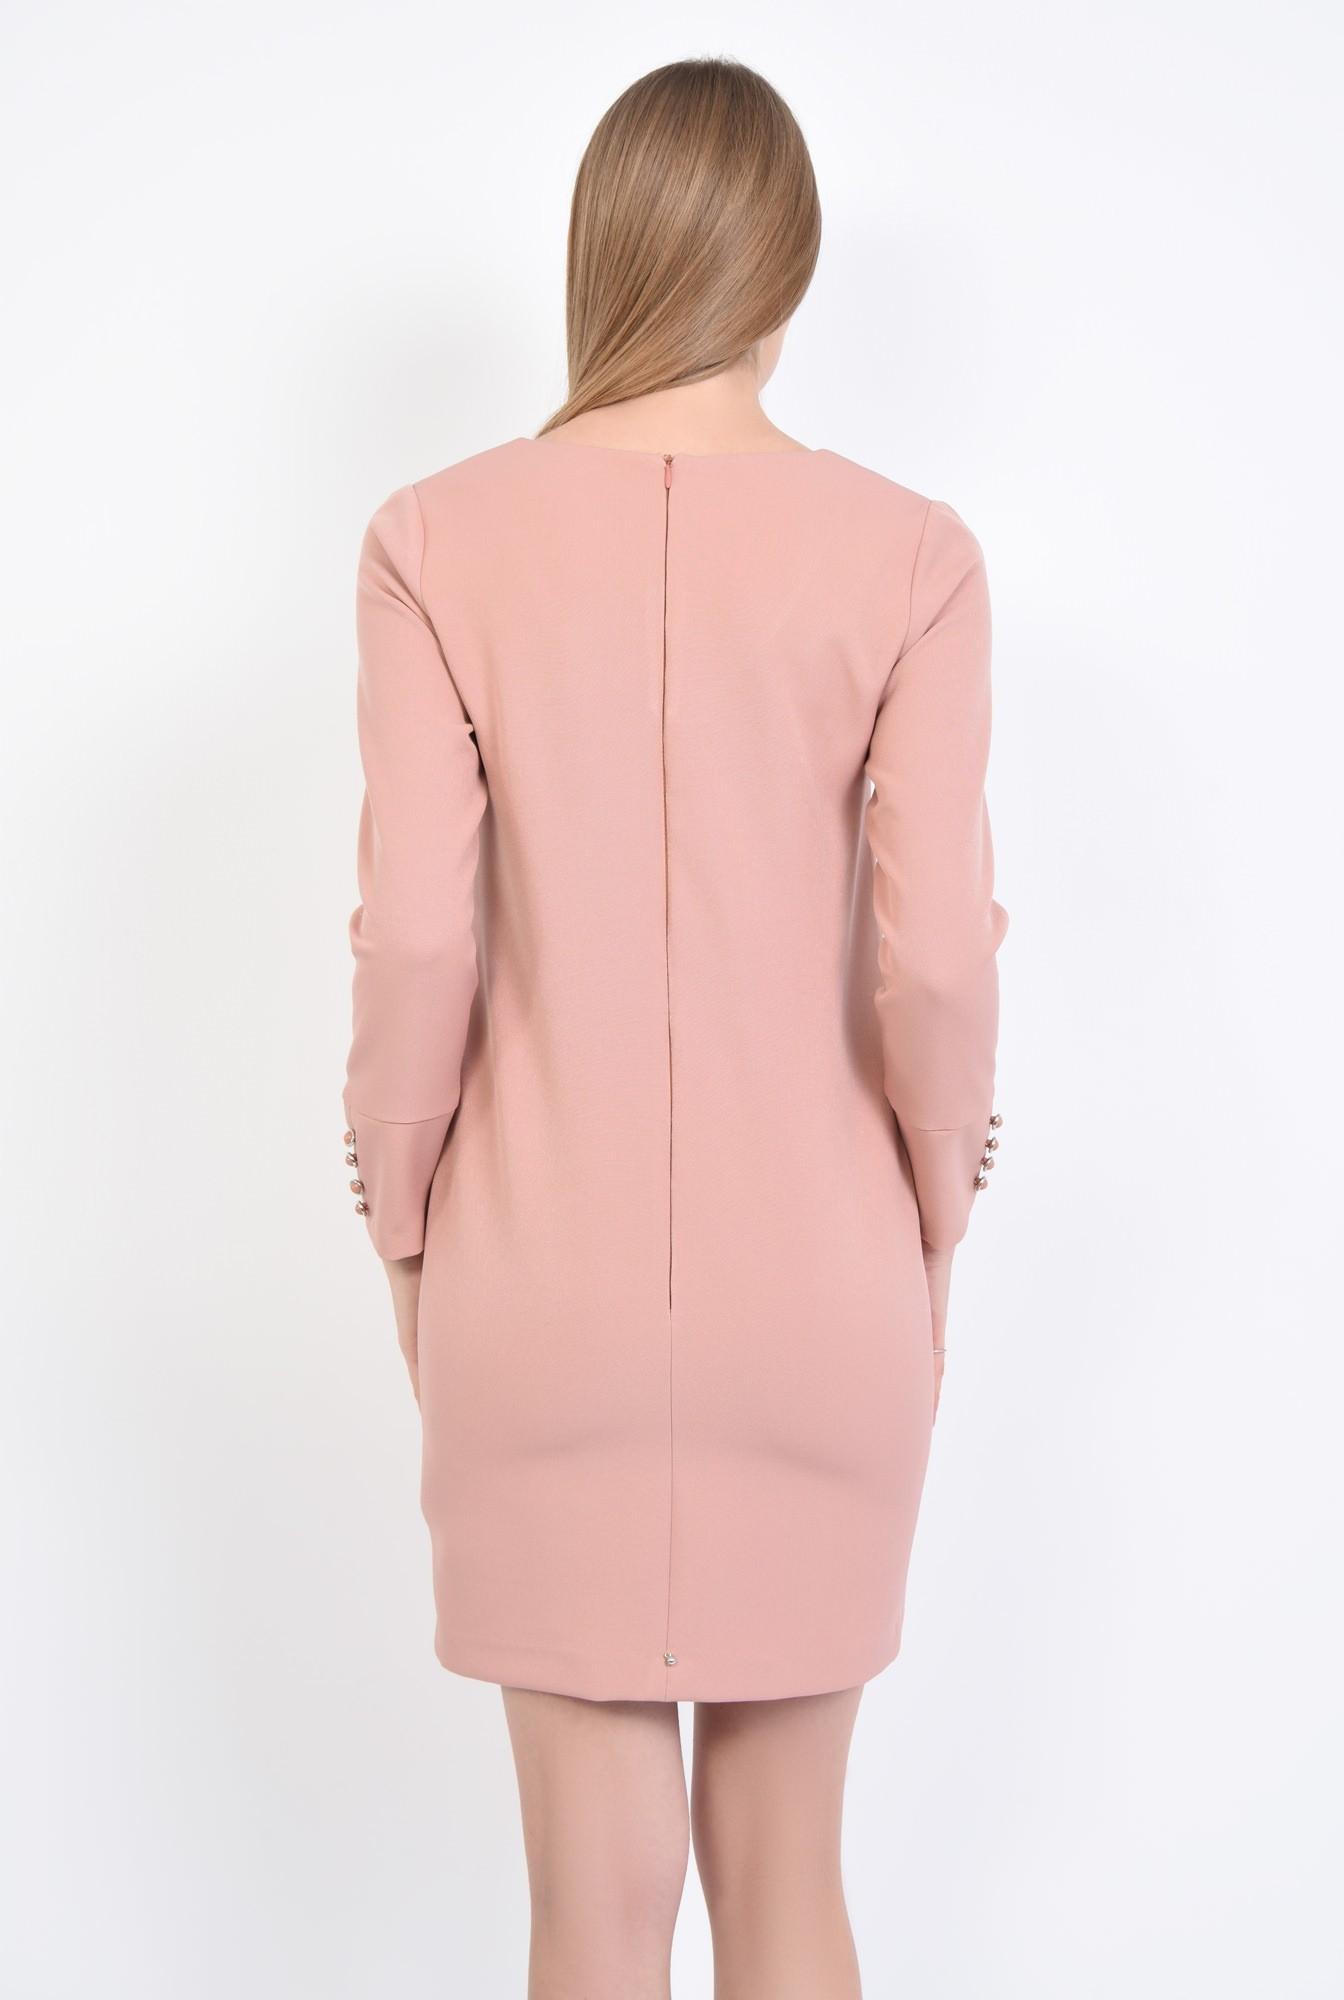 1 - Rochie casual mini, roz